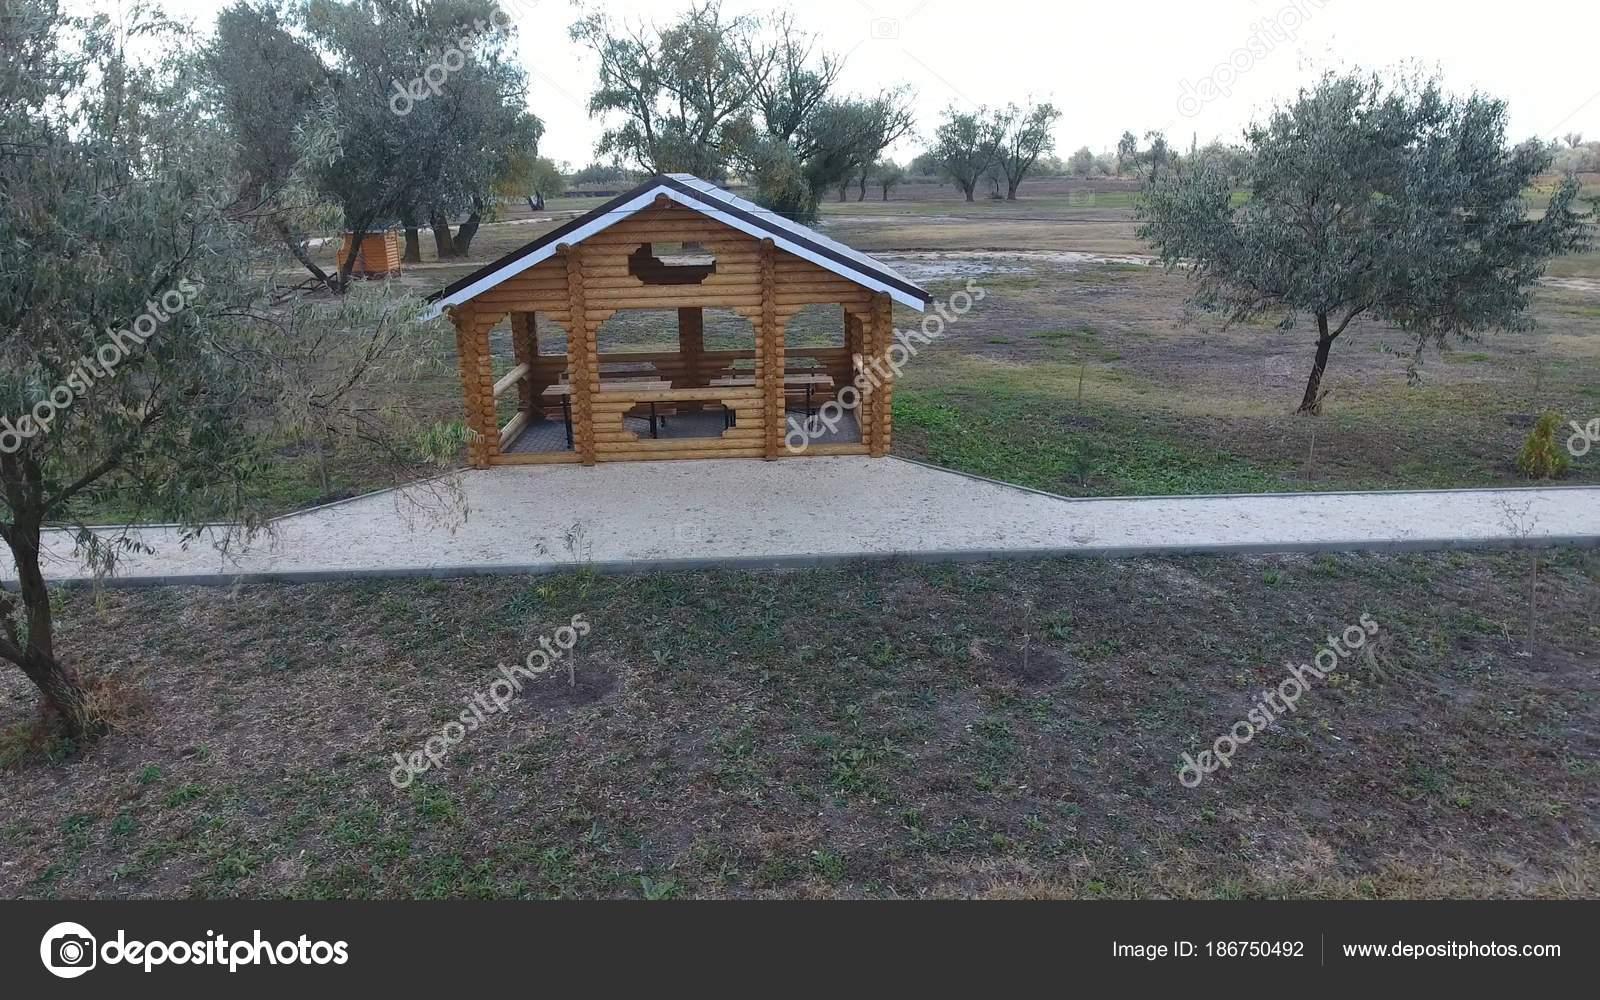 Gazebo Con Tavolo E Panche.Gazebo Con Tavoli E Panche In Natura Foto Stock